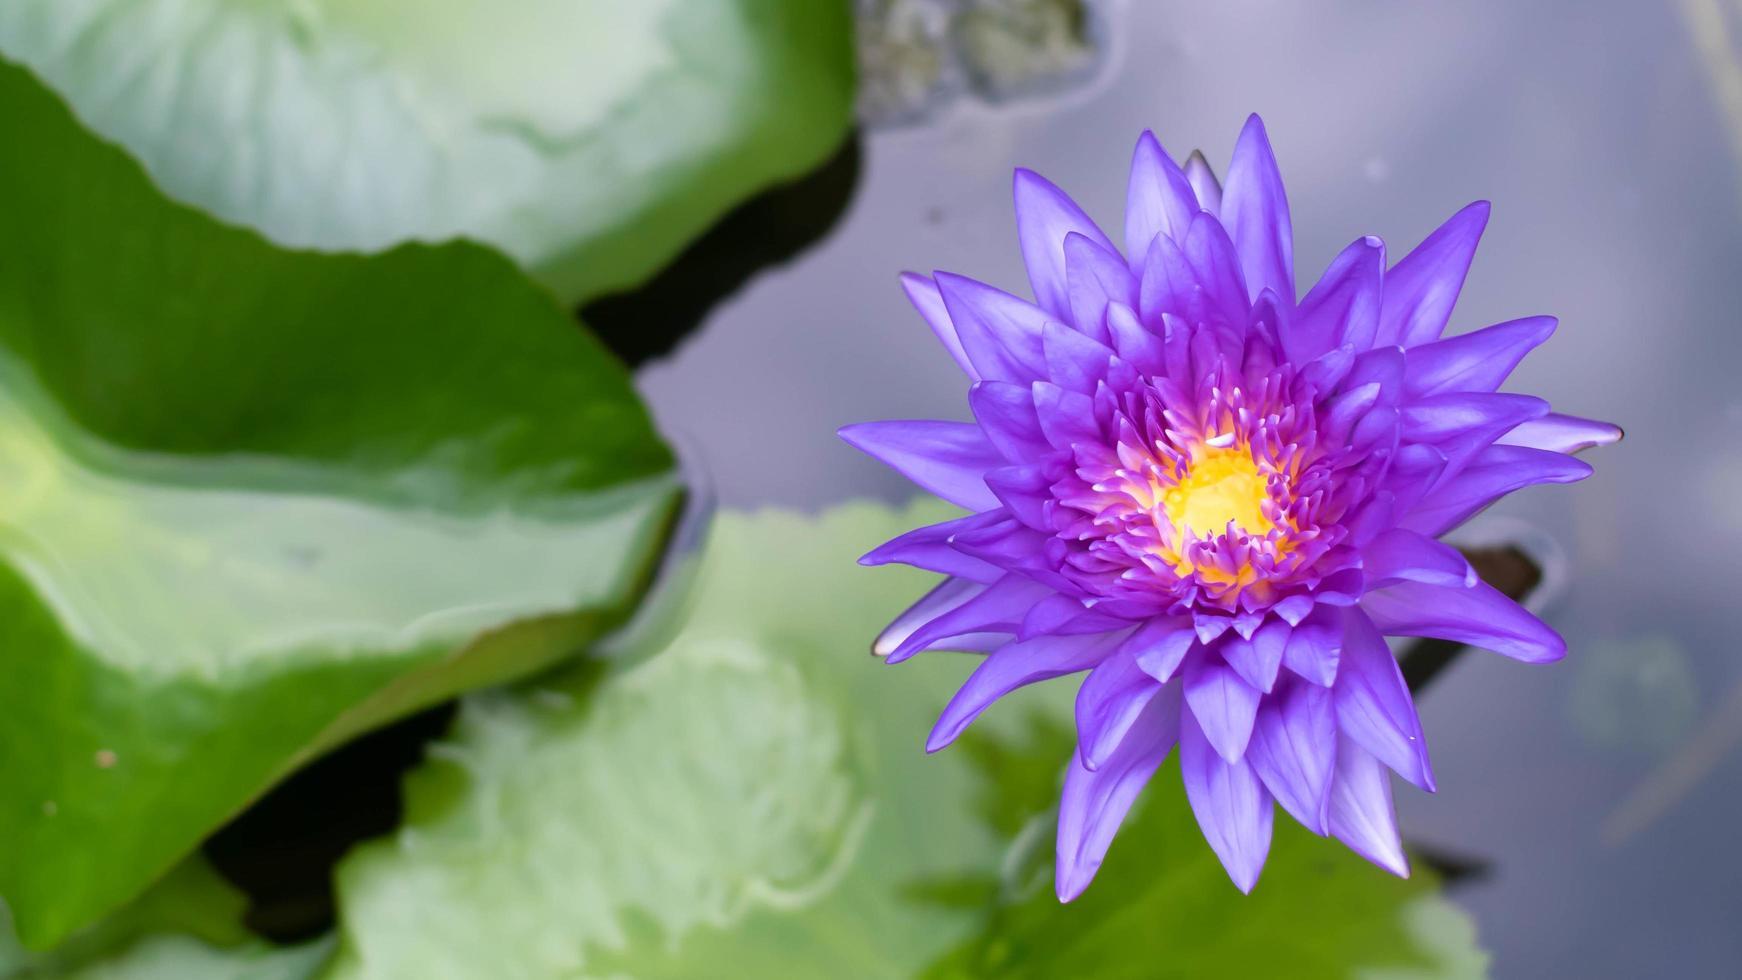 lila Lotusblume in einem Teich foto